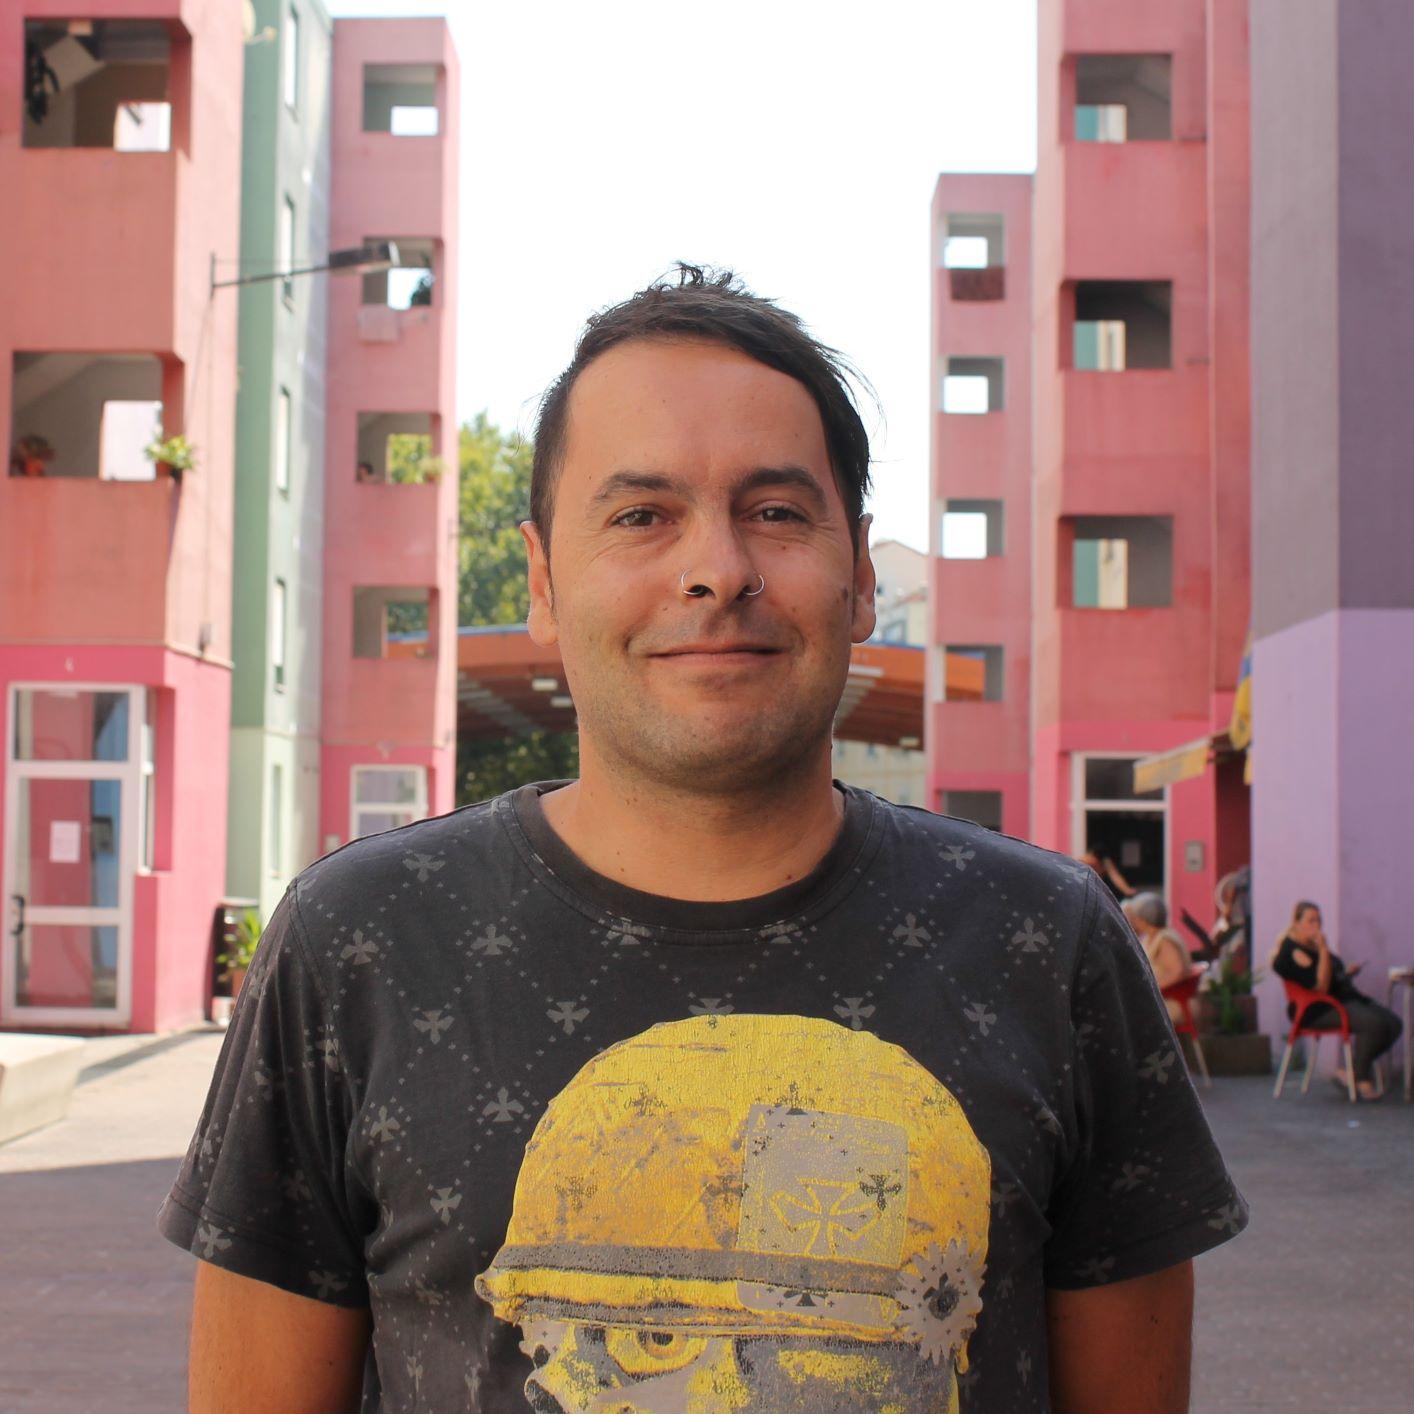 Martinho Dias